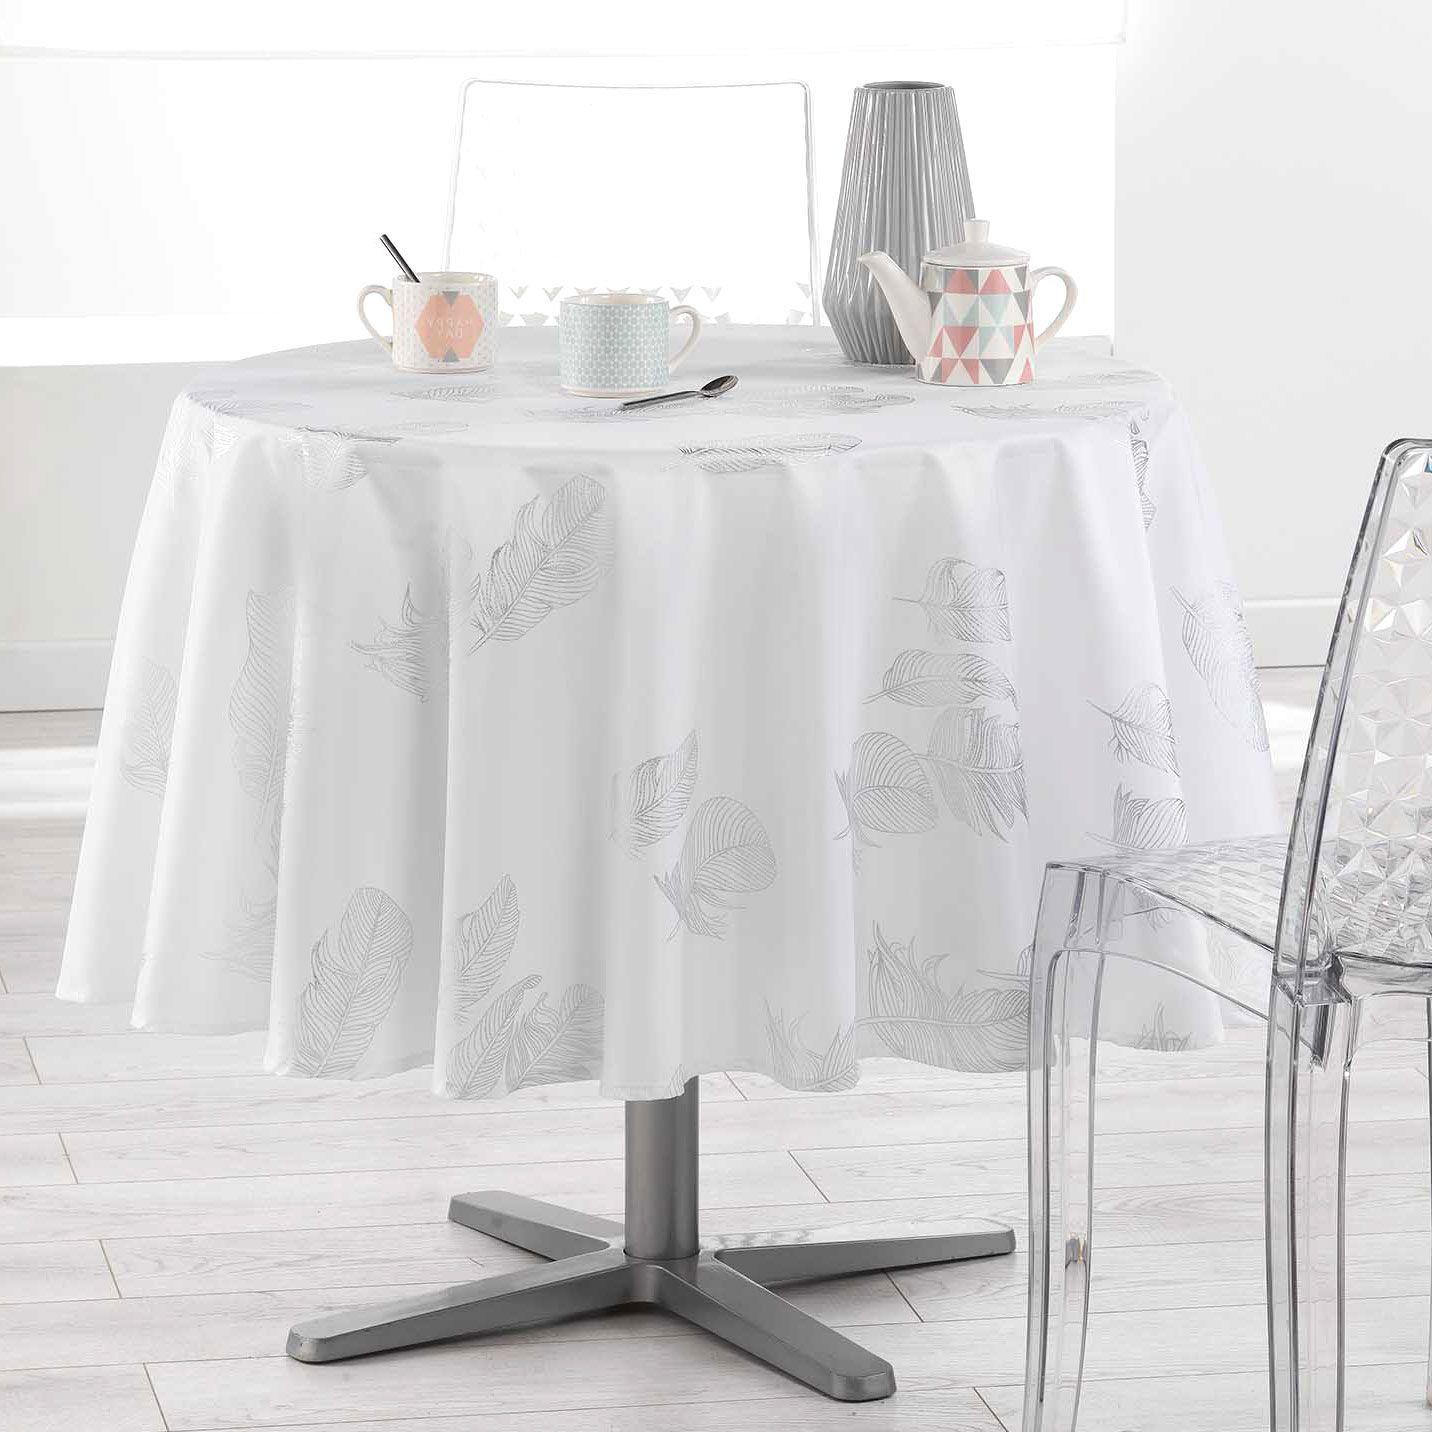 nappe ronde 120 cm les meilleures ides de la catgorie dcorations de tables intrieur salle a. Black Bedroom Furniture Sets. Home Design Ideas